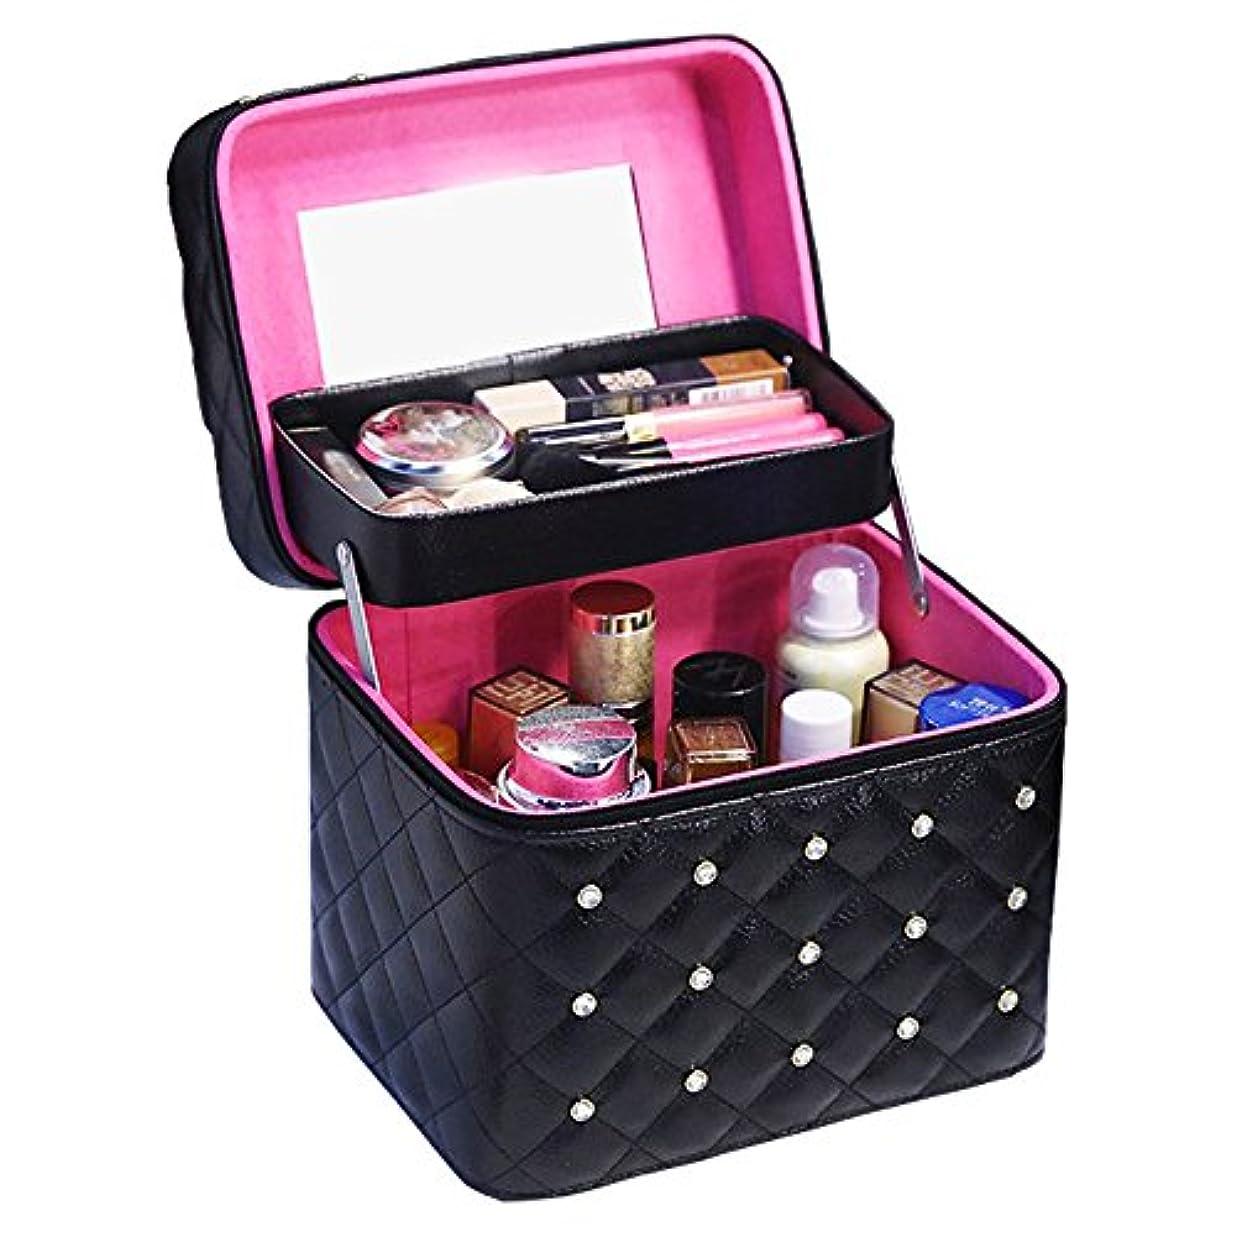 シマウマ導出無心Twinkle goods (ツインクルグッズ) メイクボックス コスメボックス 化粧品 収納 PUレザー お洒落なデザイン メイク道具をすっきり収納 携帯にも 2段タイプ